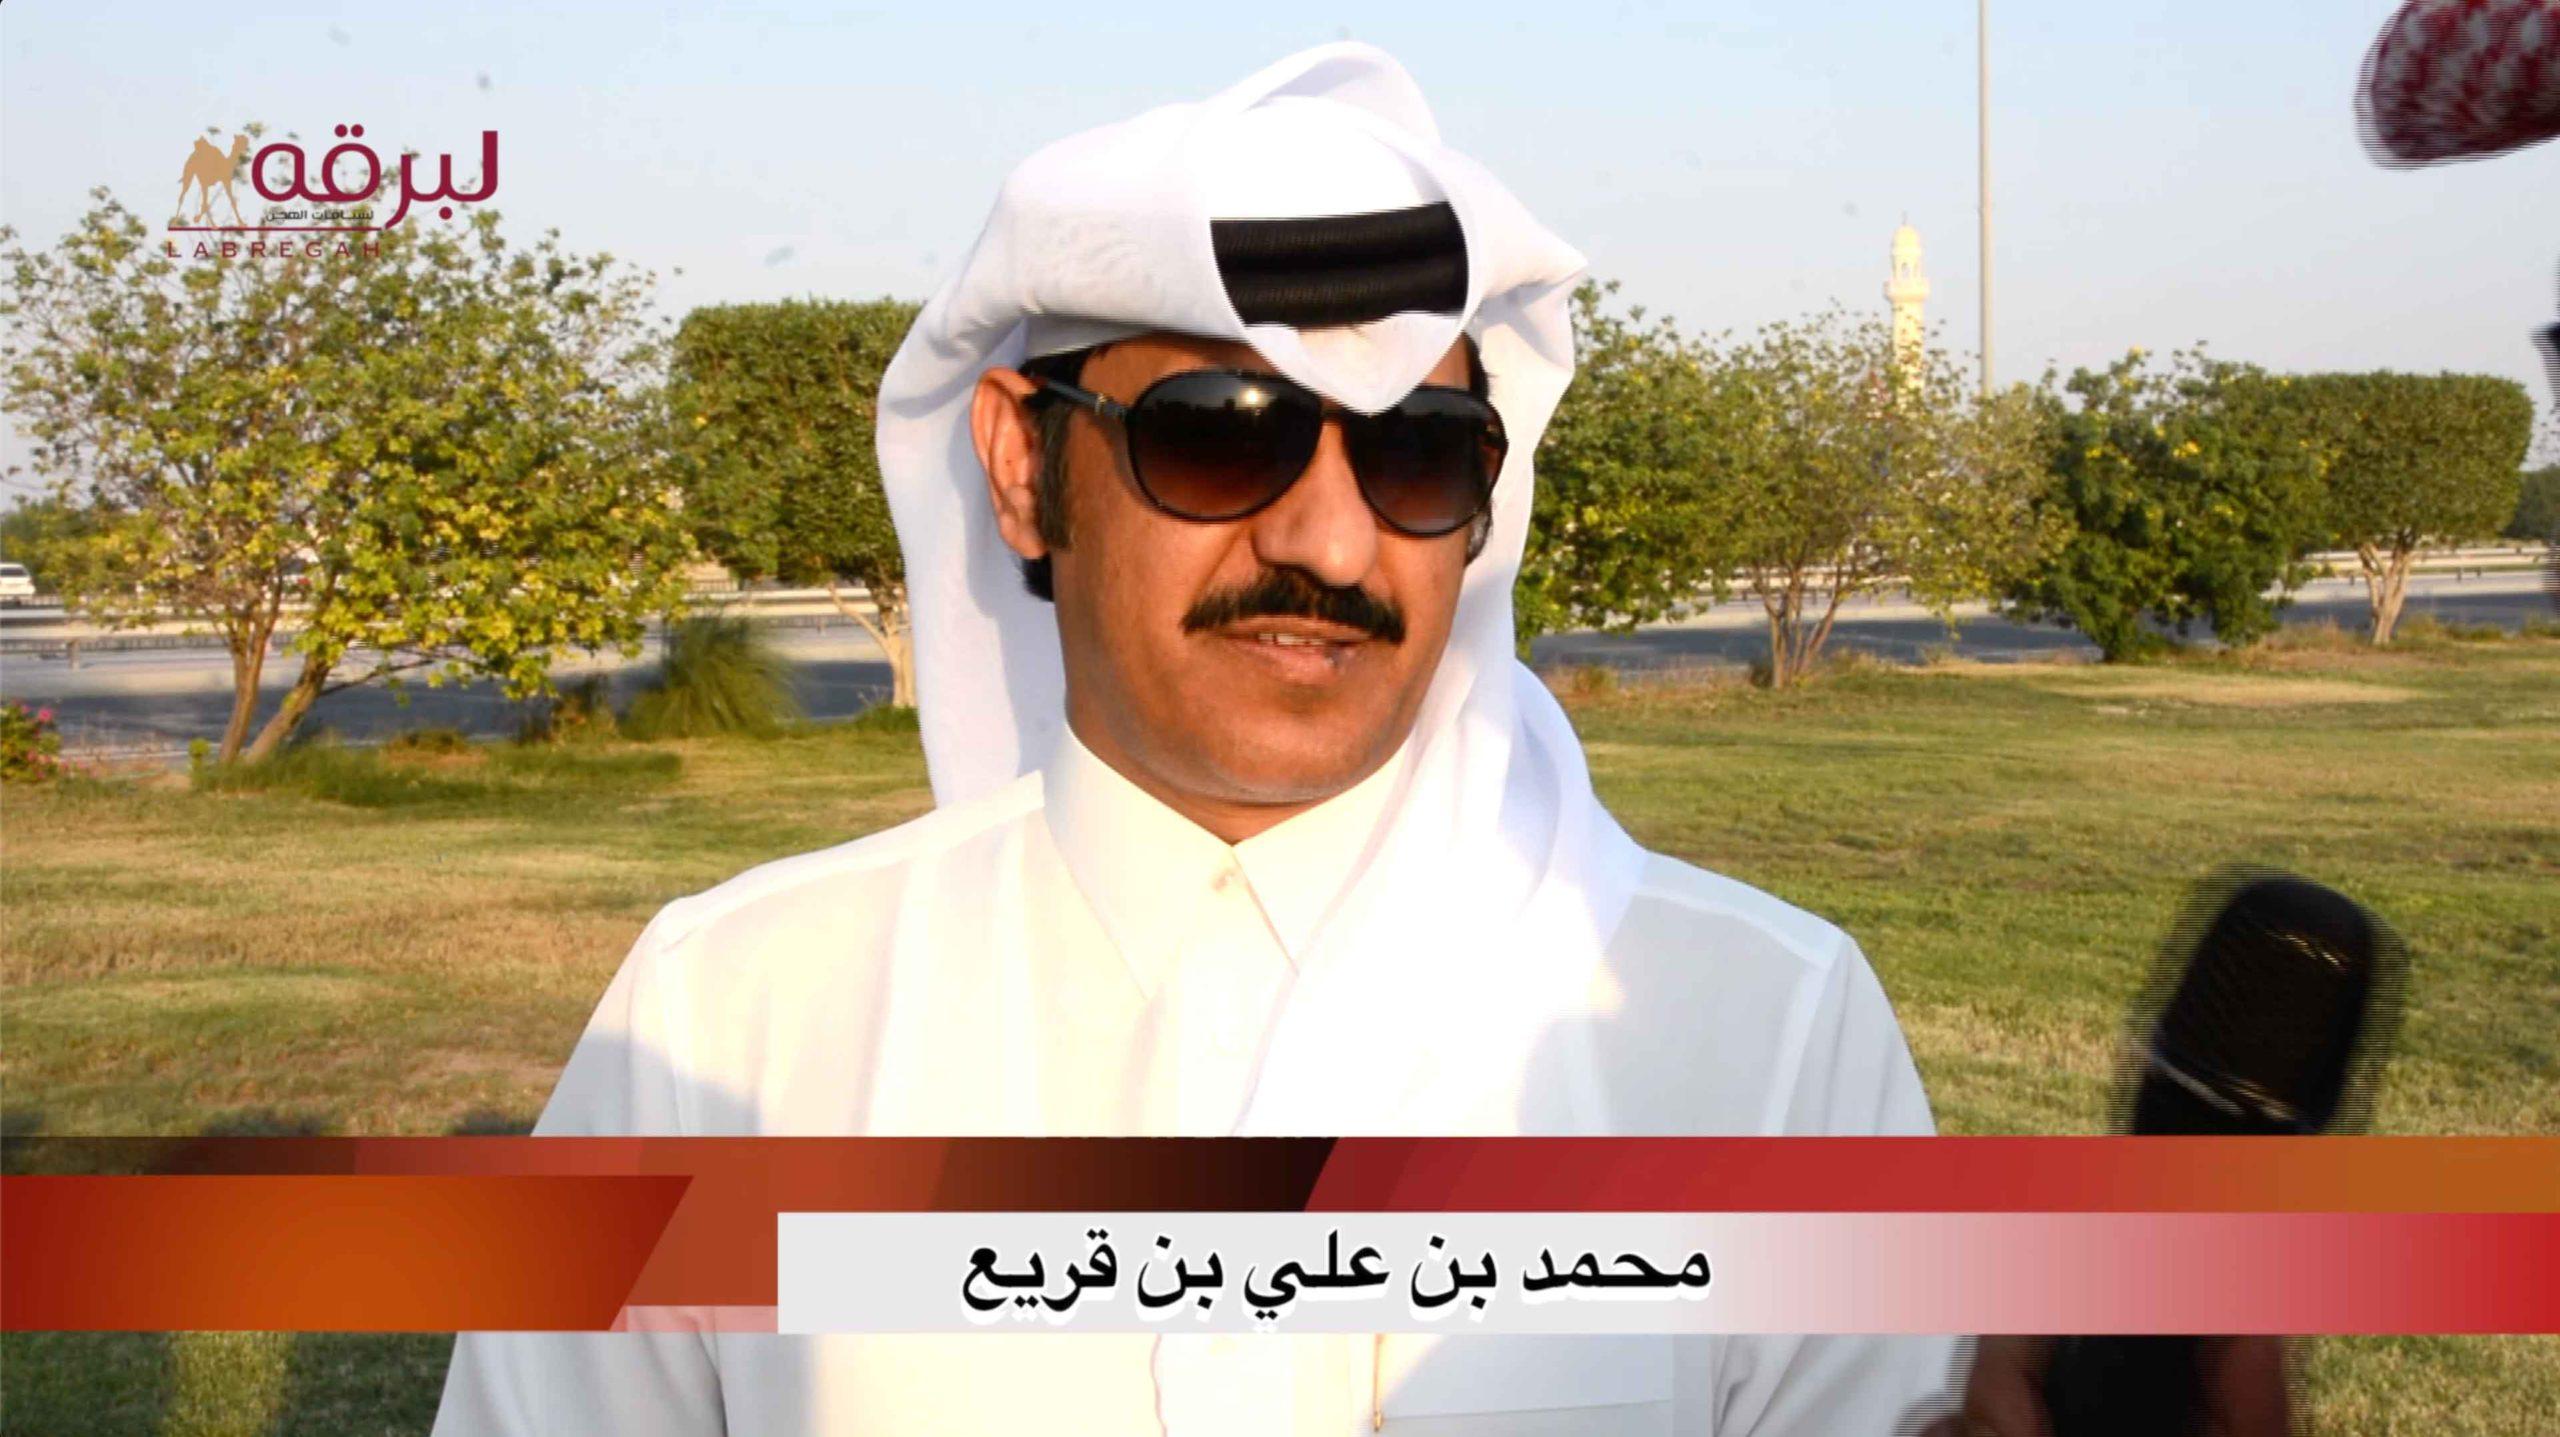 لقاء مع محمد بن علي بن قريع.. الشوط الرئيسي للقايا قعدان إنتاج الأشواط العامة مساء ٢٣-١٠-٢٠٢٠